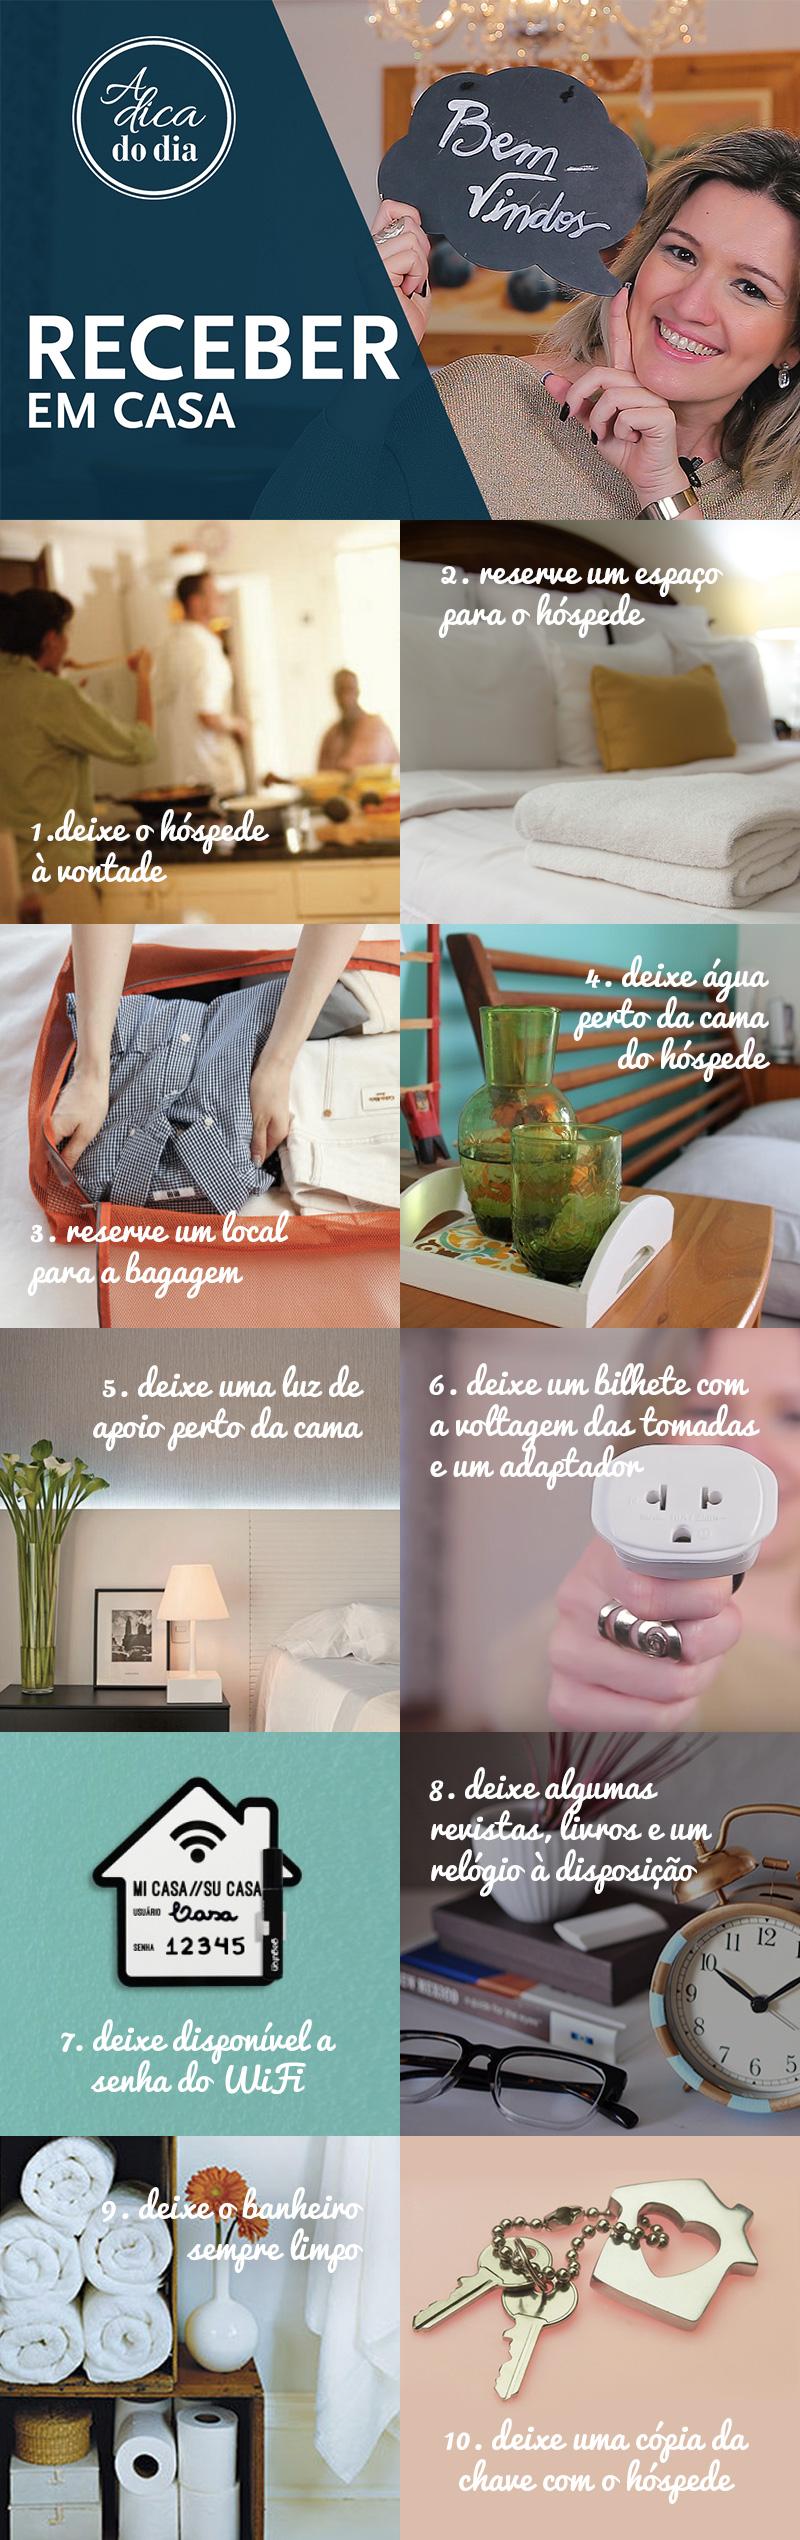 10 dicas para receber hóspedes em casa